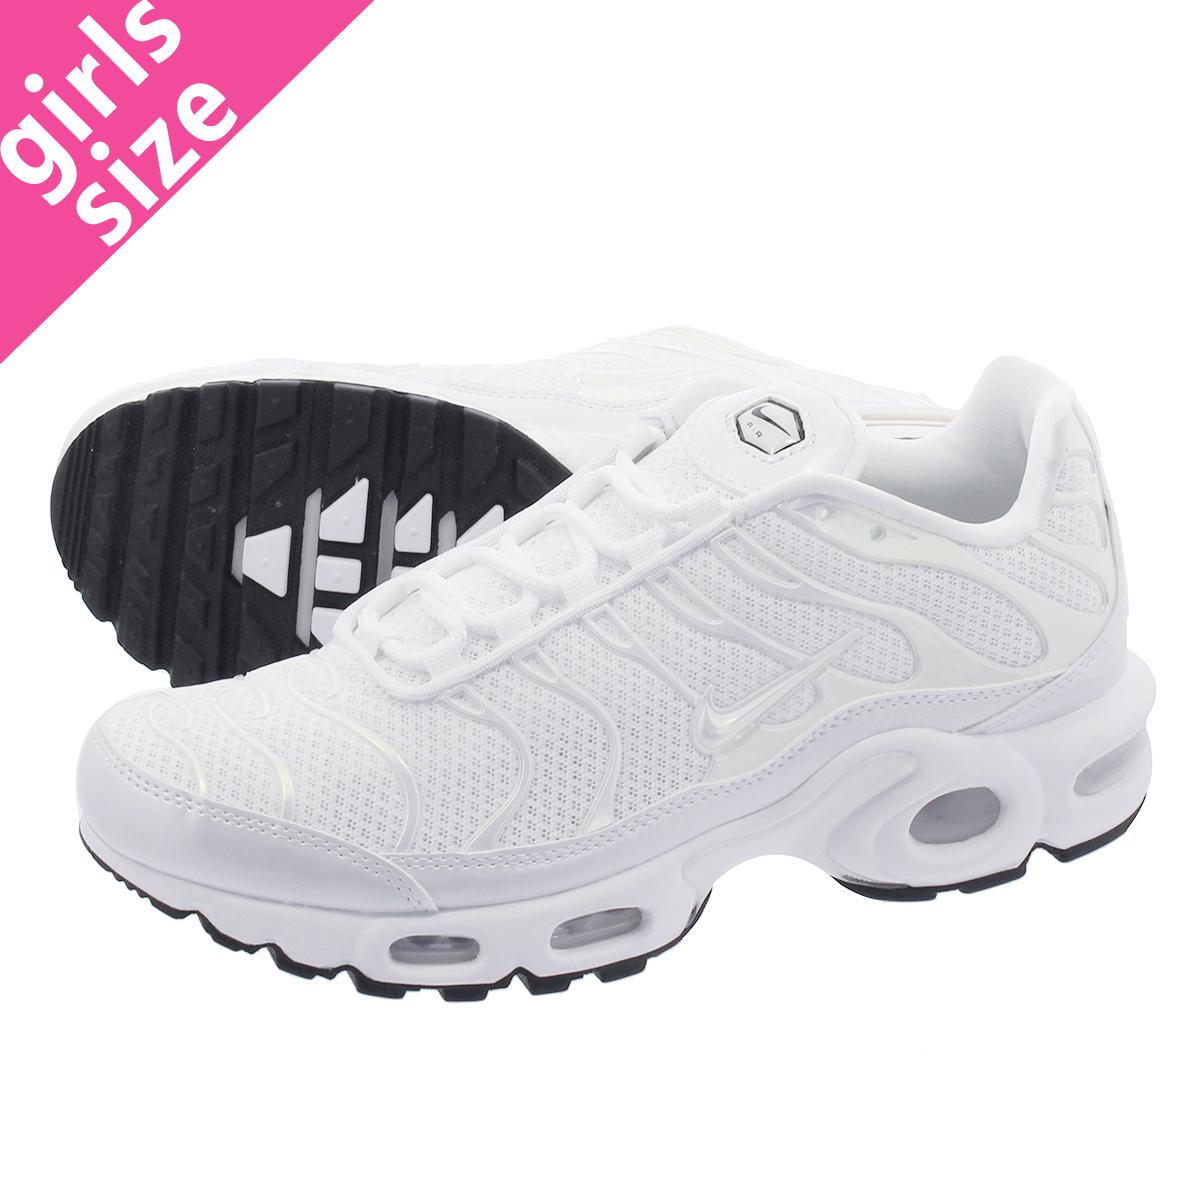 NIKE WMNS AIR MAX PLUS PREMIUM Nike women Air Max plus premium WHITEWHITEWHITEBLACK 848,891 100